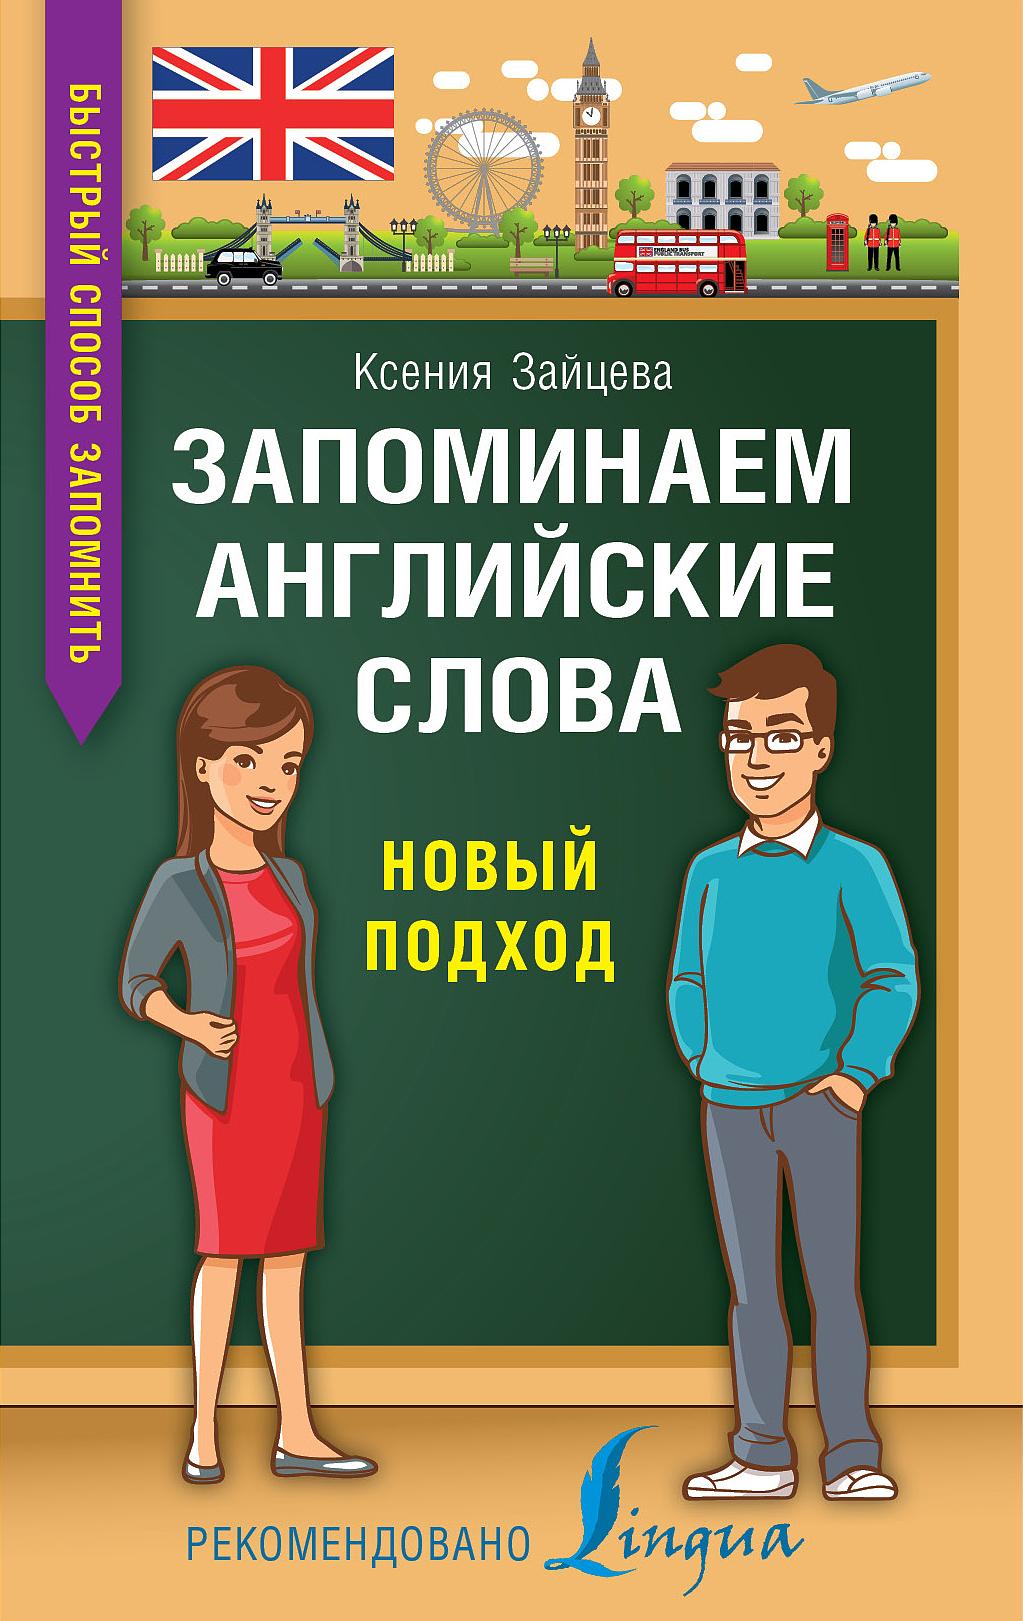 К. А. Зайцева Запоминаем английские слова. Новый подход ксения зайцева запоминаем английские слова новый подход